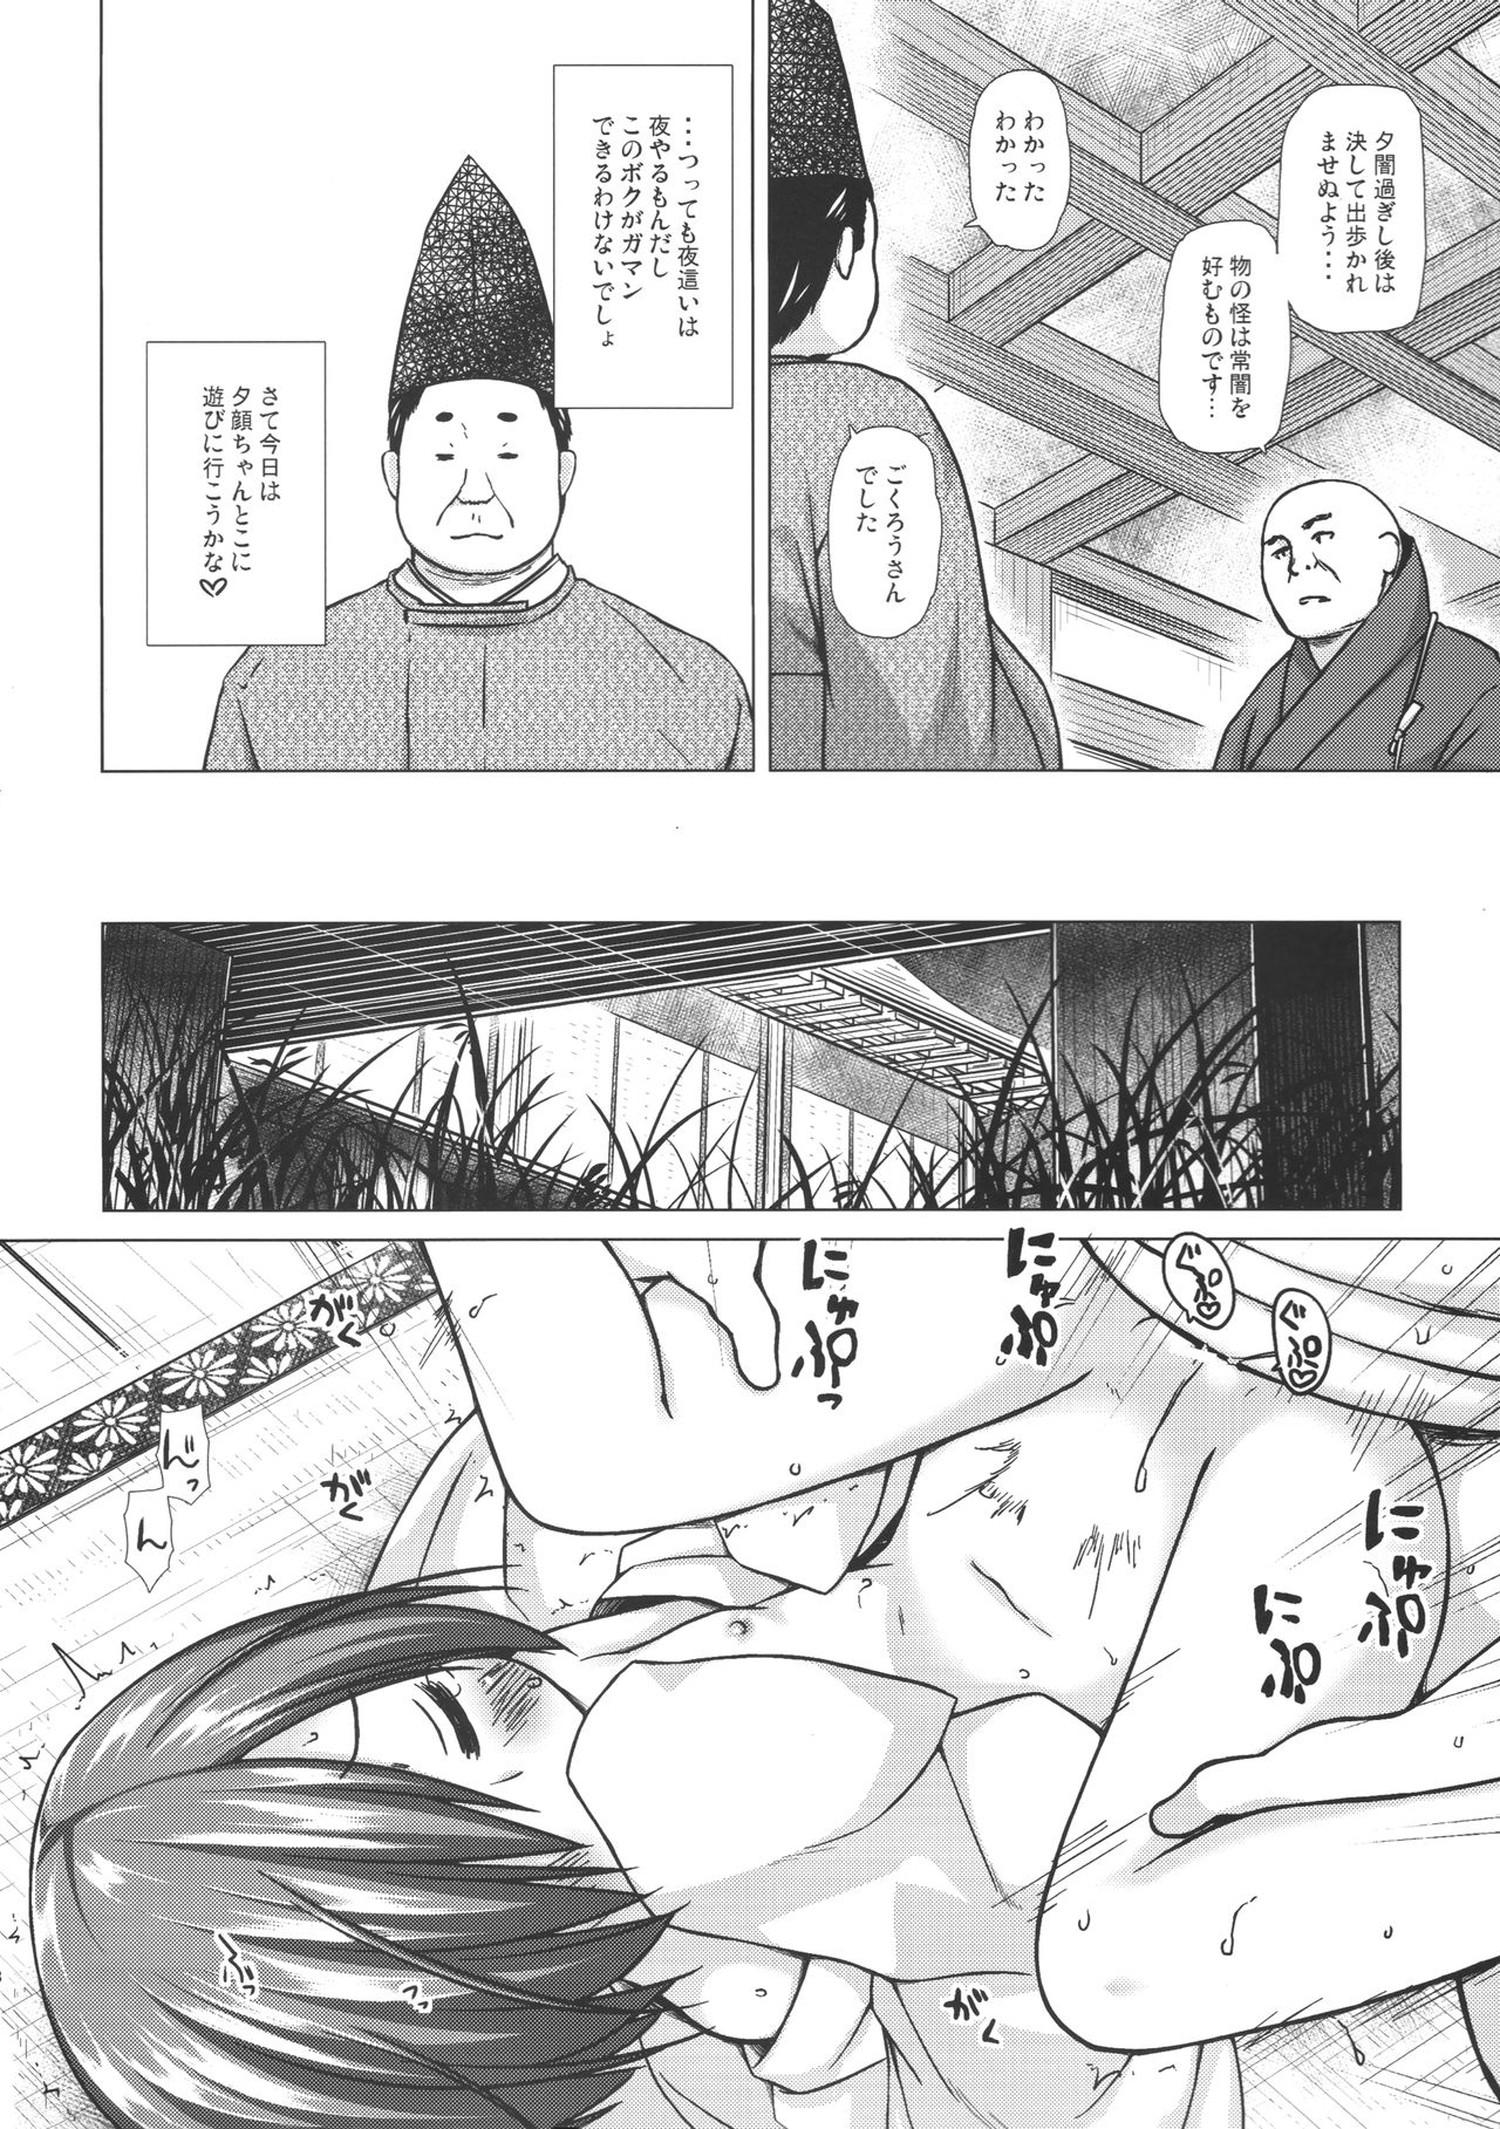 【エロ漫画】人間不信の黒髪幼女を攻略して自分だけのものにwww【無料 エロ同人誌】 (7)